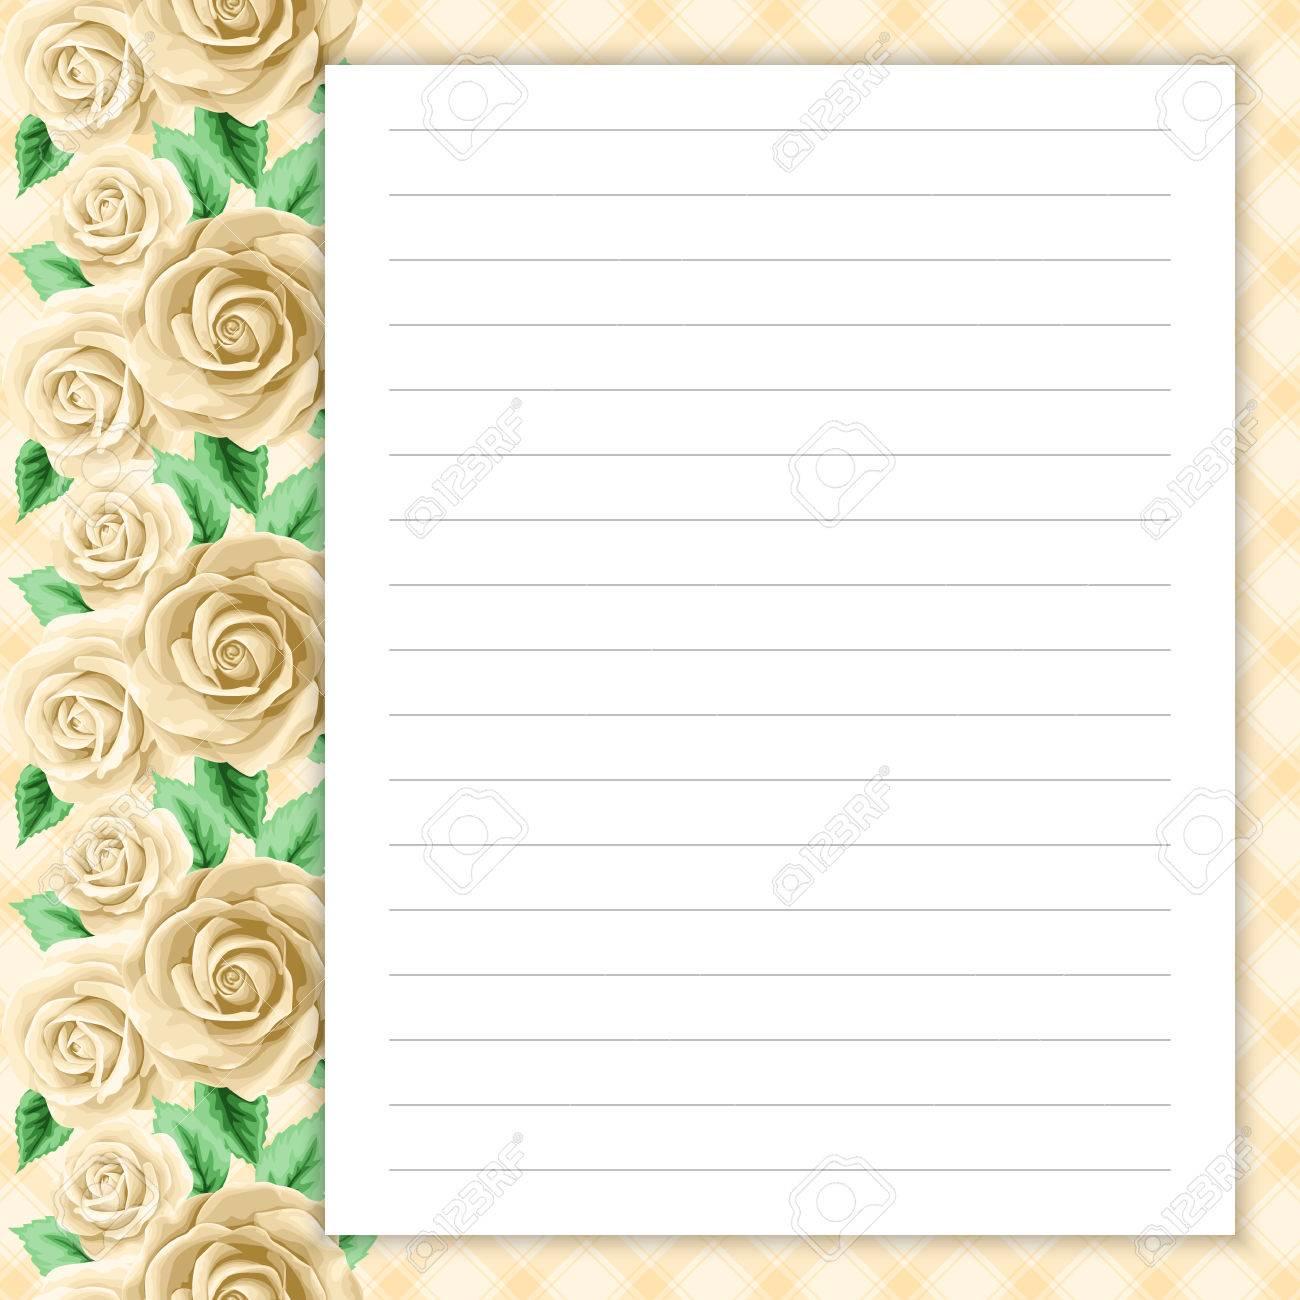 Lined Seite Für Notizen Design Im Retro-Stil. Floral Background ...